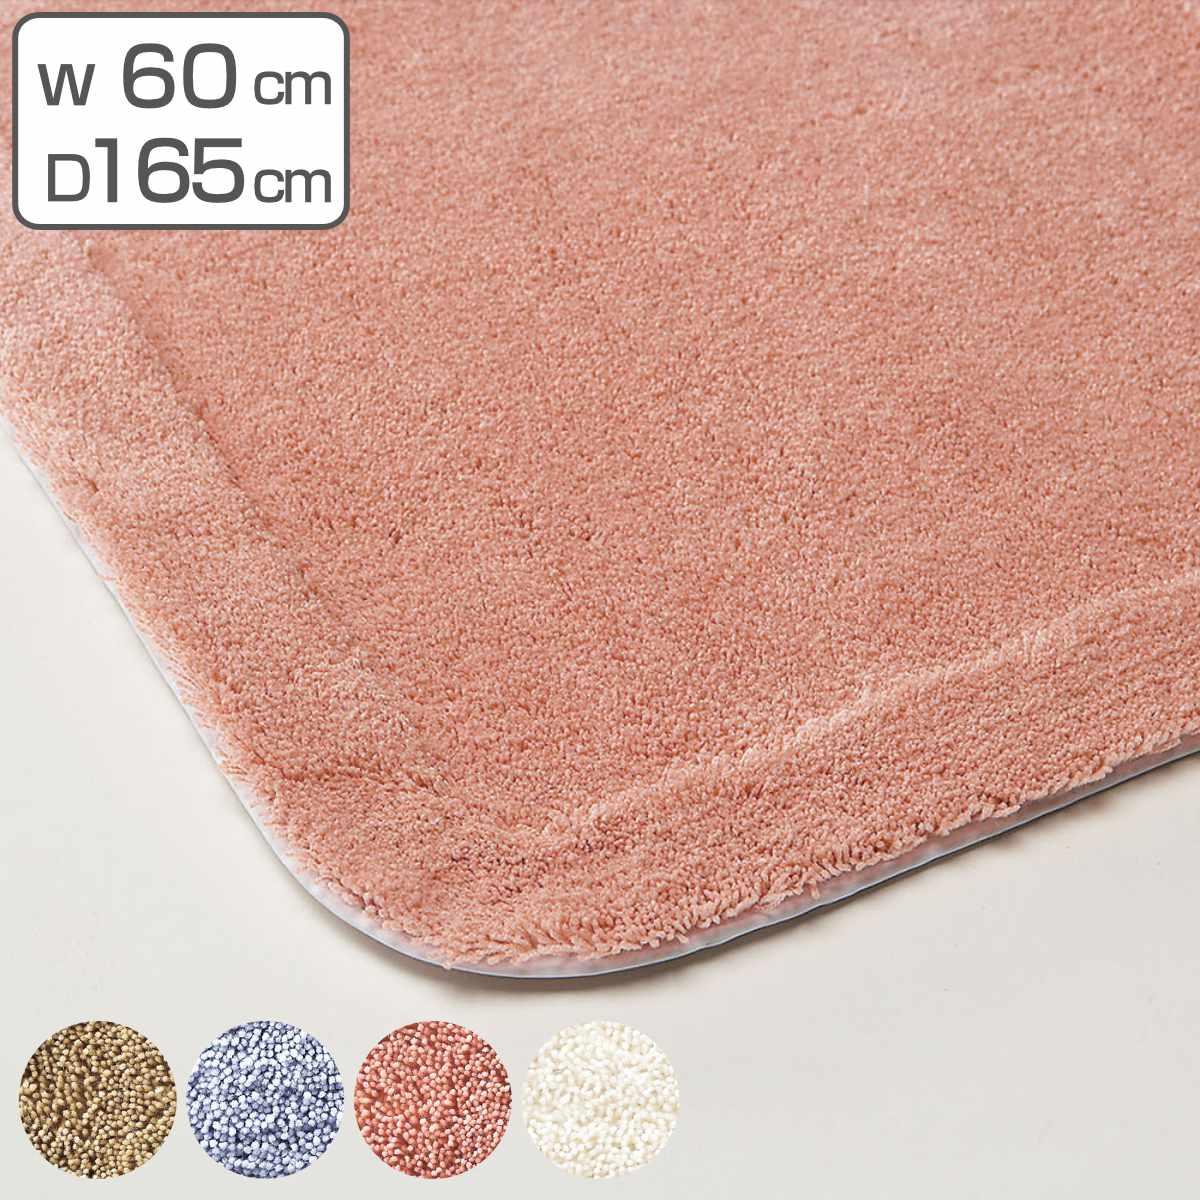 バスマット業務用 吸水カットパイル ノンスリップ抗菌仕様 60×165 ( 足拭き 風呂マット 送料無料 )